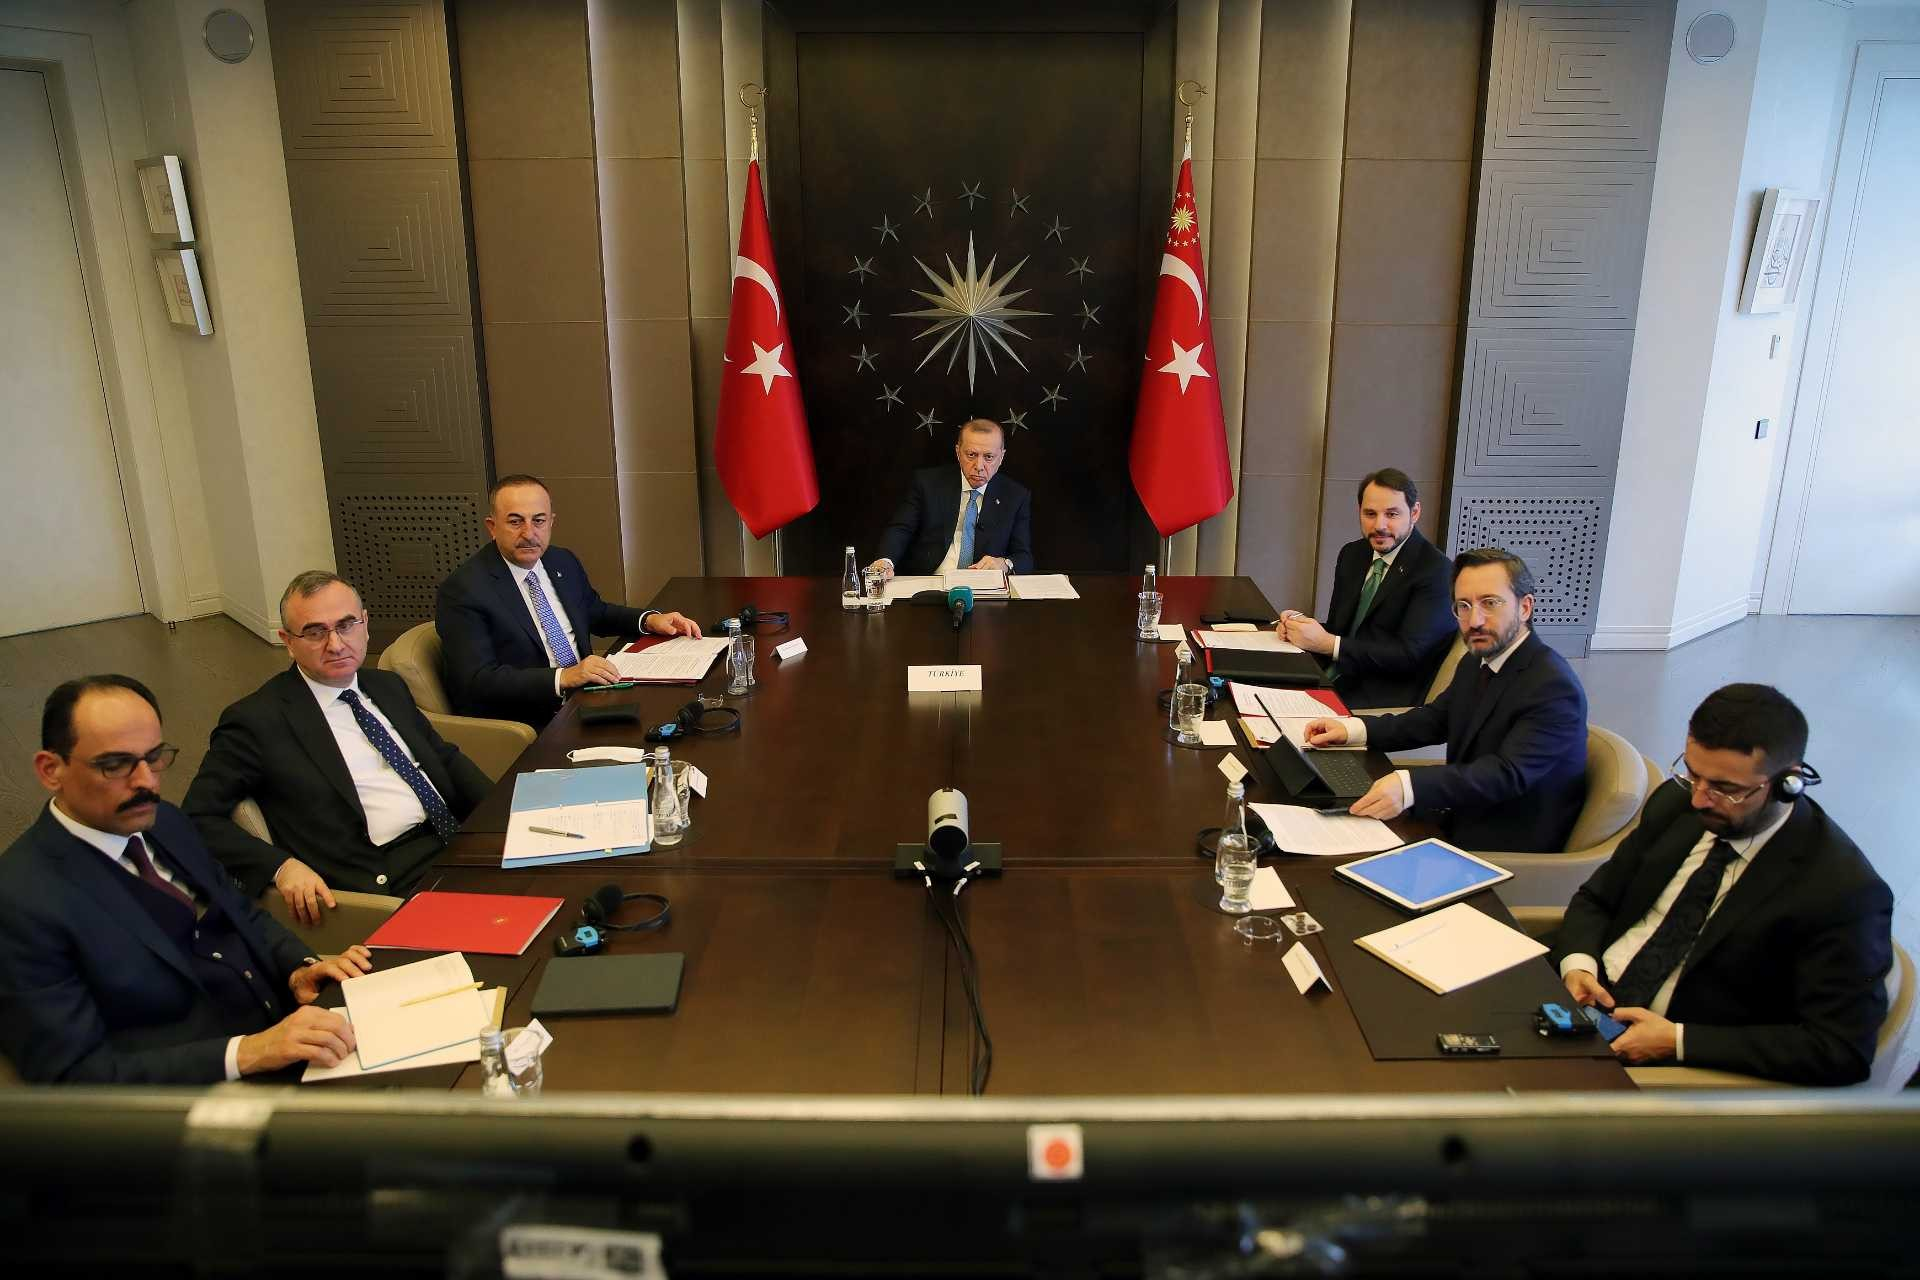 Cumhurbaşkanı Erdoğan, yeni tip koronavirüs (Kovid-19) gündemiyle toplanan G20 Liderler Olağanüstü Zirvesi'ne video konferans yöntemiyle katıldı.